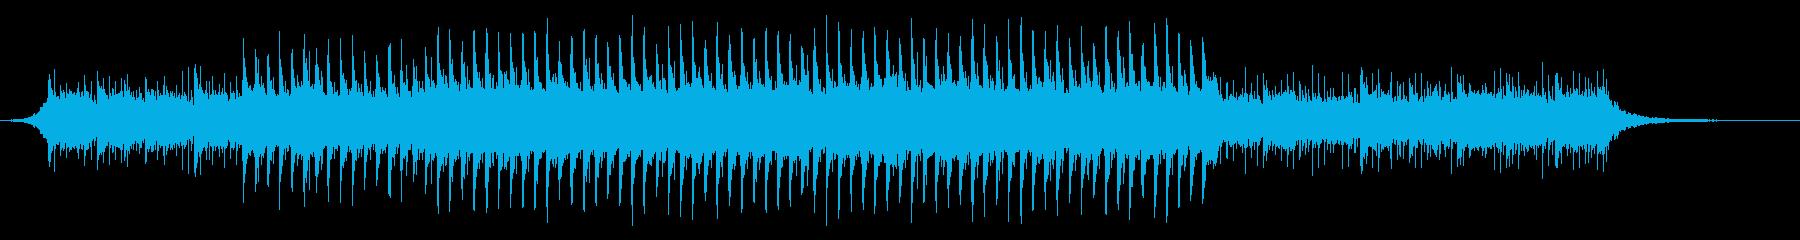 企業VP・会社紹介の再生済みの波形